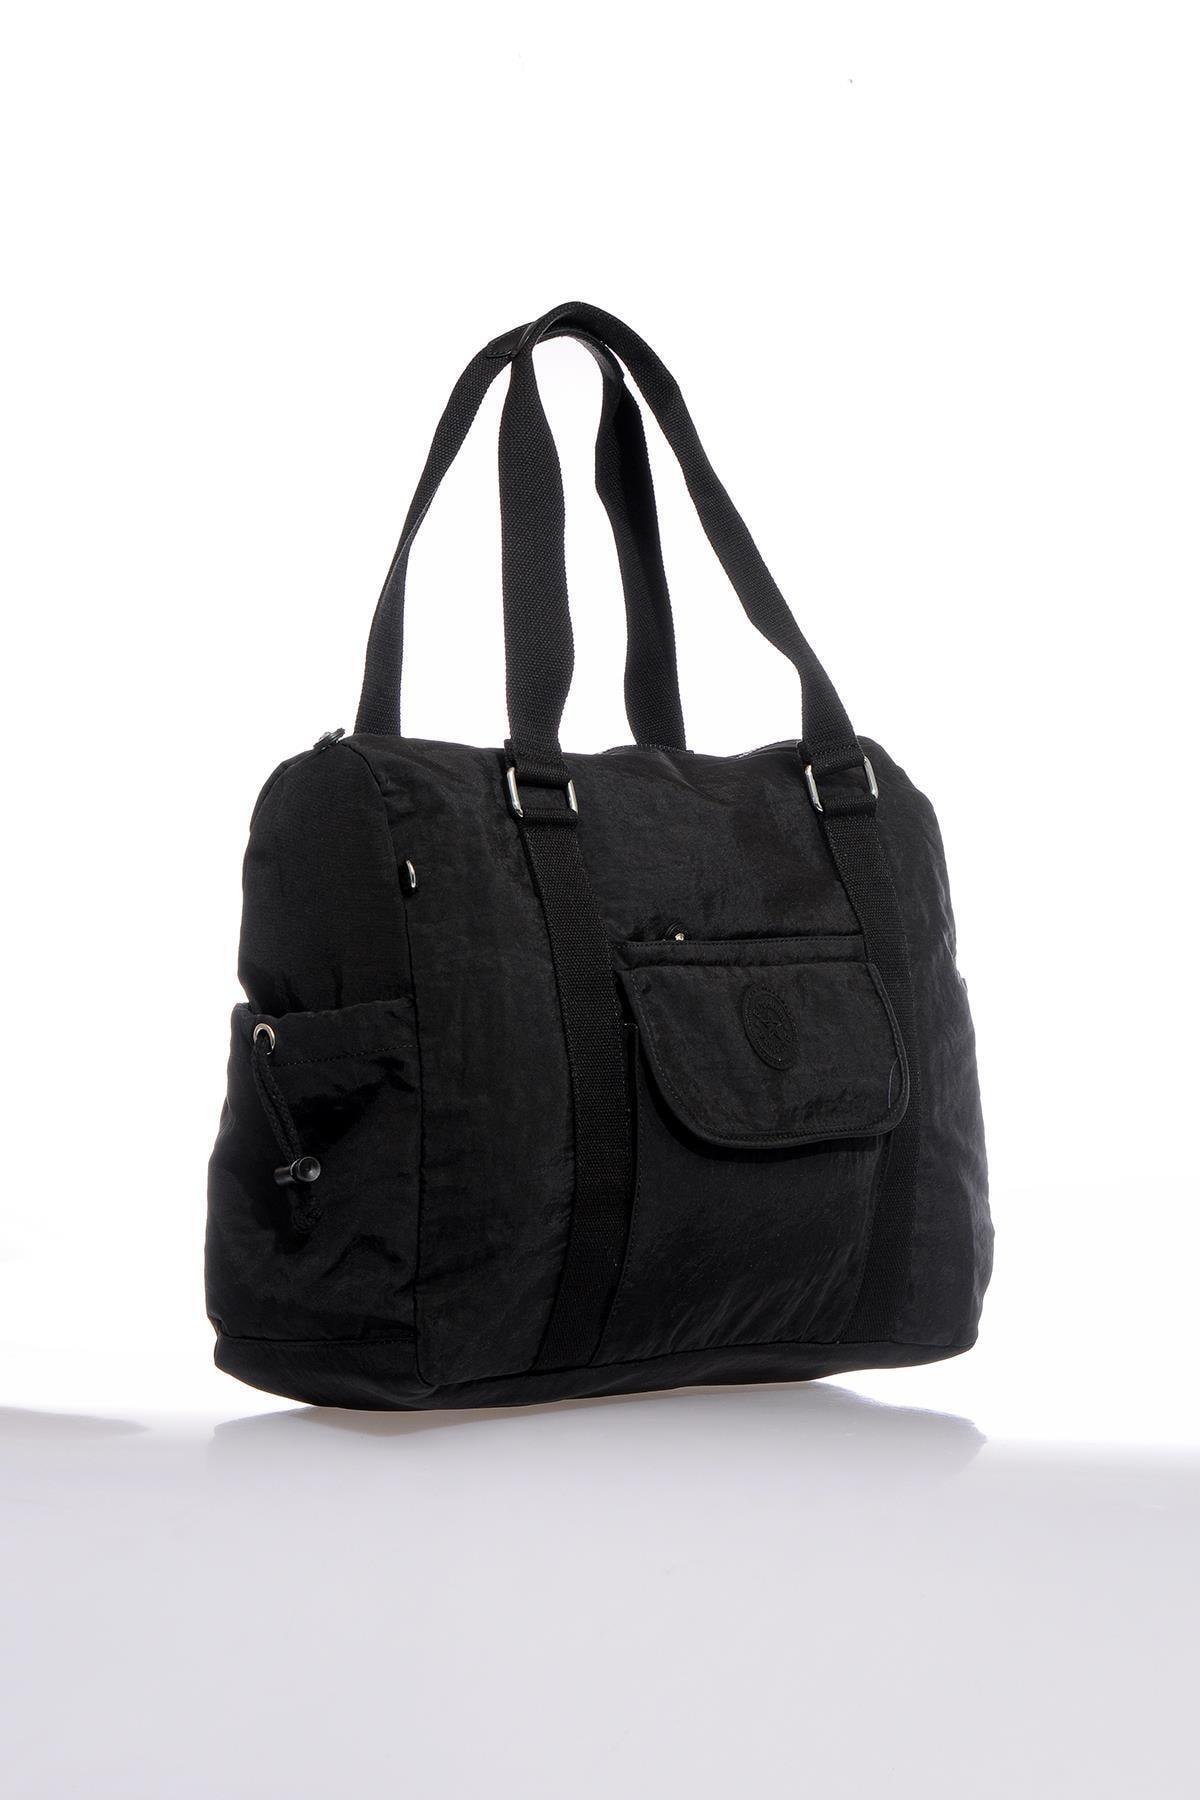 Barcelona Brck3040-0001 Siyah Kadın Omuz Çantası 2